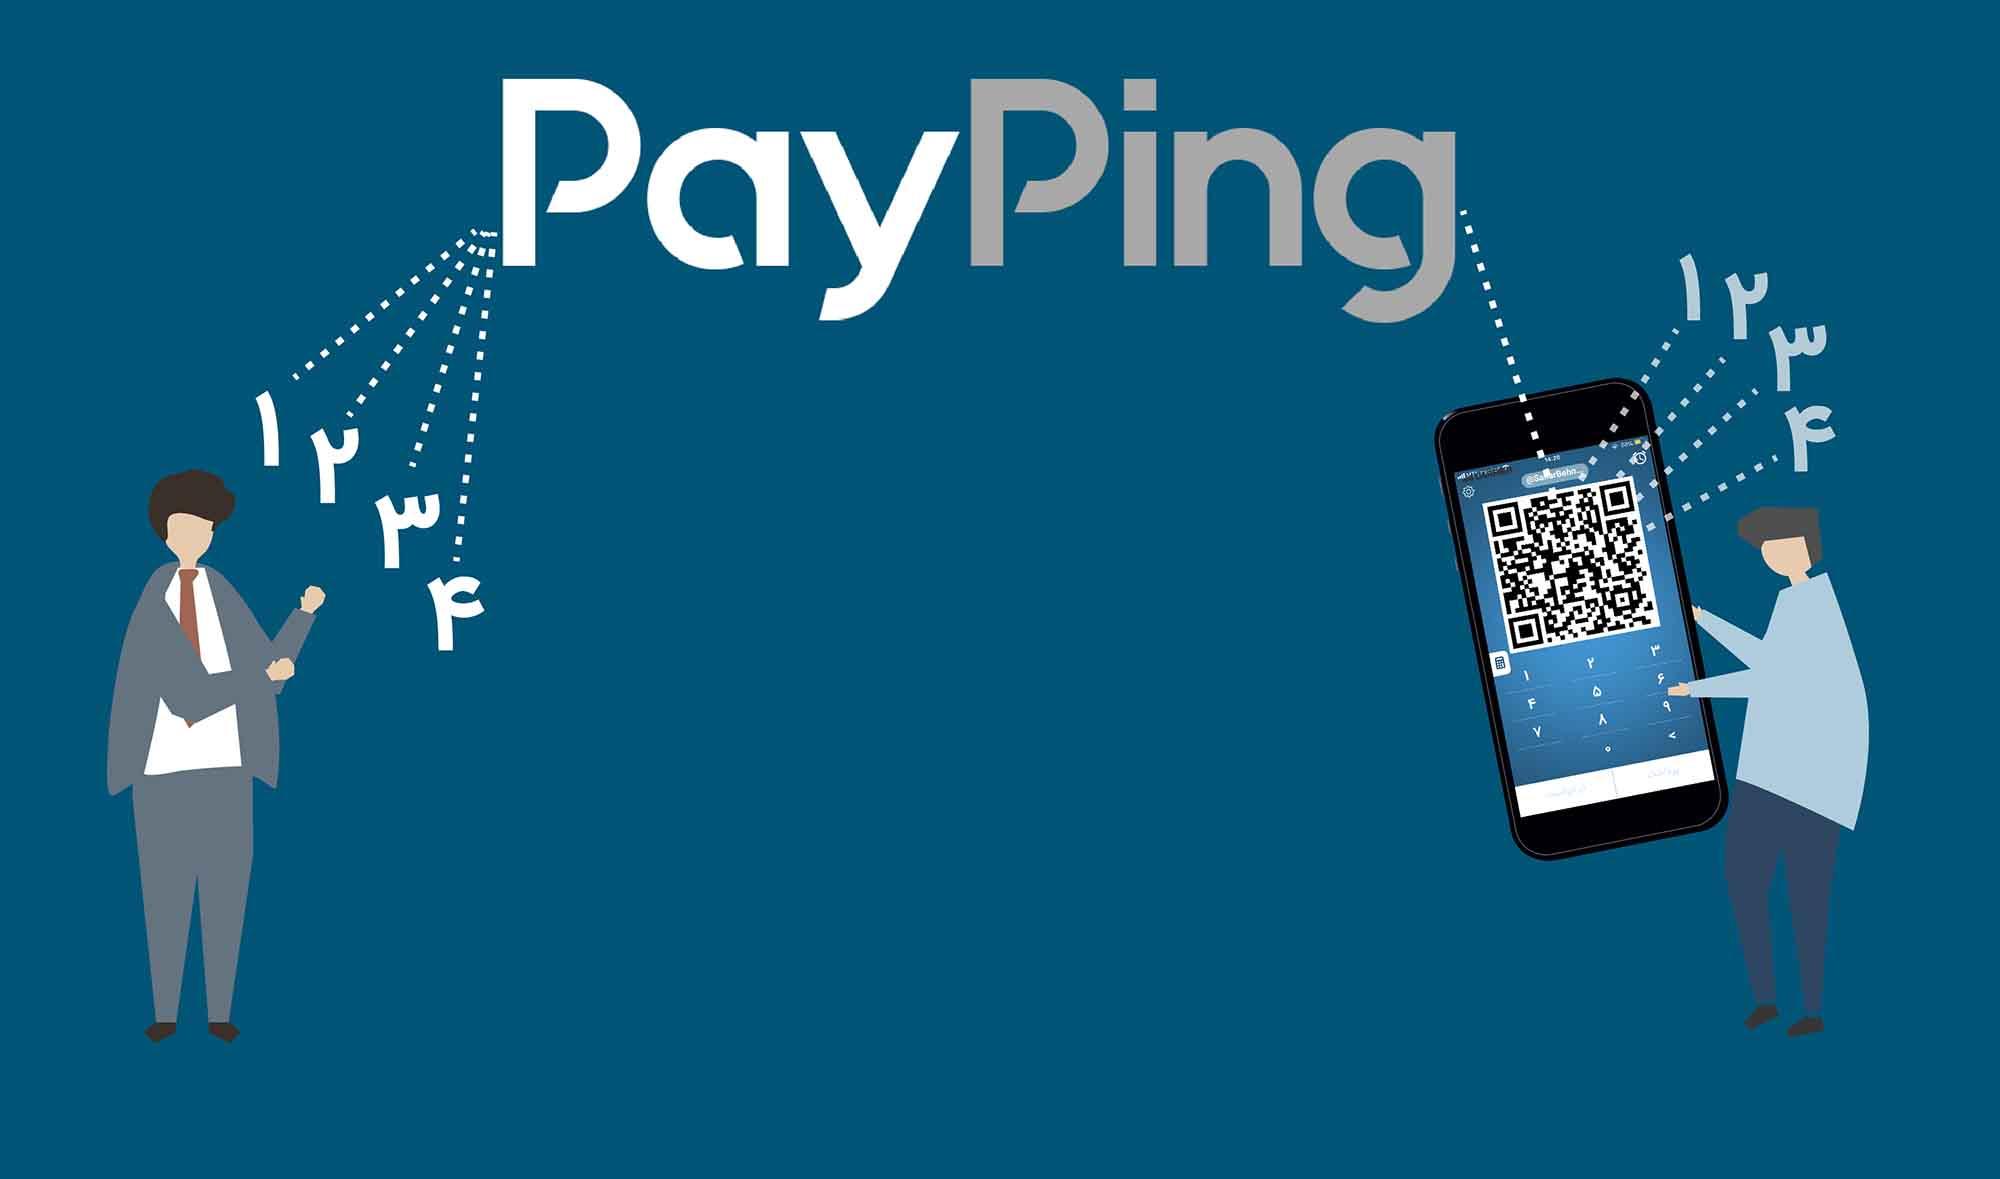 آیتم مالی، مختصات اینترنتی محصول و خدمات شما